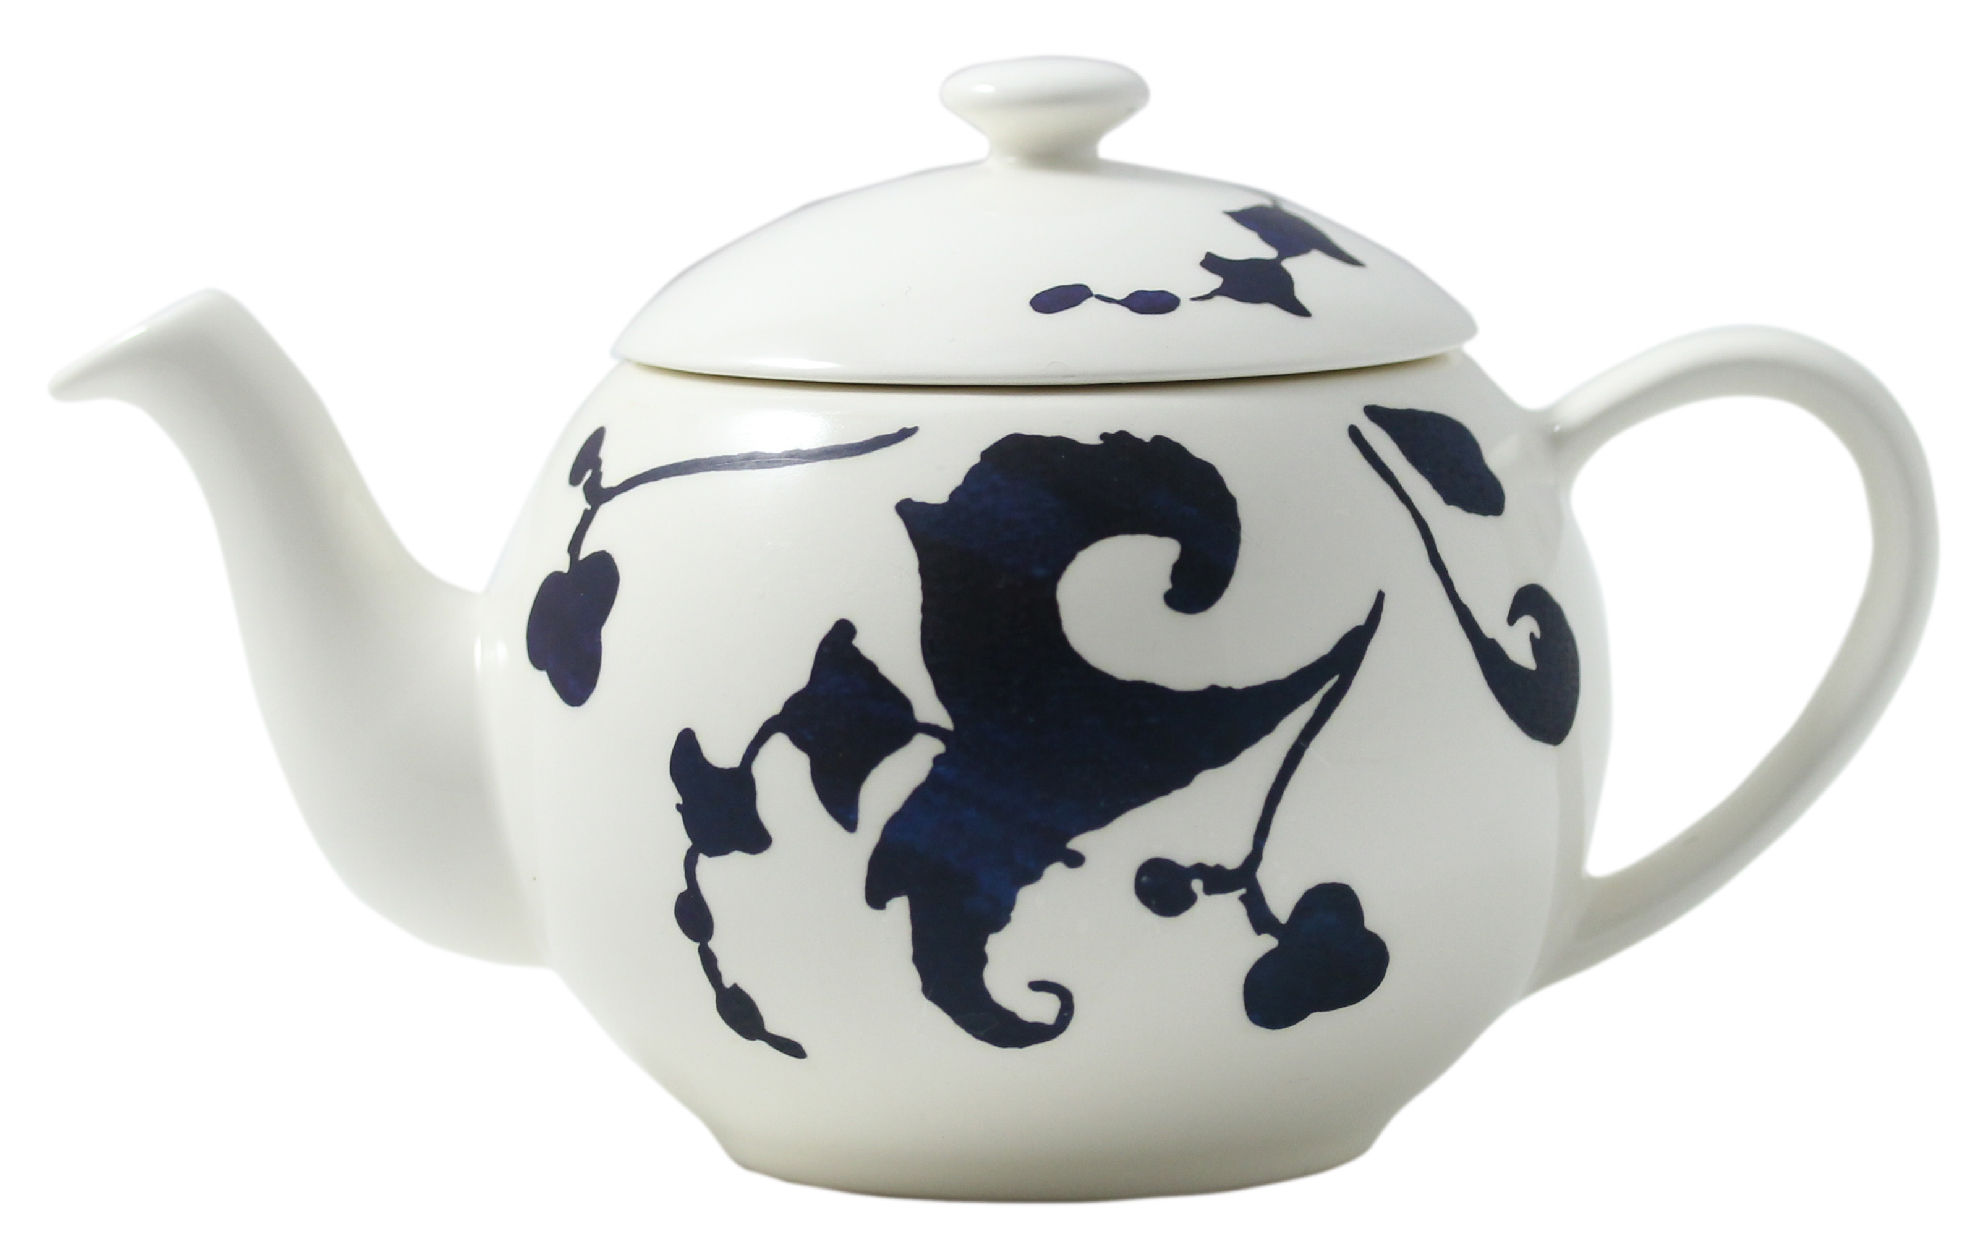 Küche - Teekannen und Wasserkessel - Indigo Teekanne / 45 cl - GIEN - Blaue Motive auf weißem Grund - Faïence fine de Gien